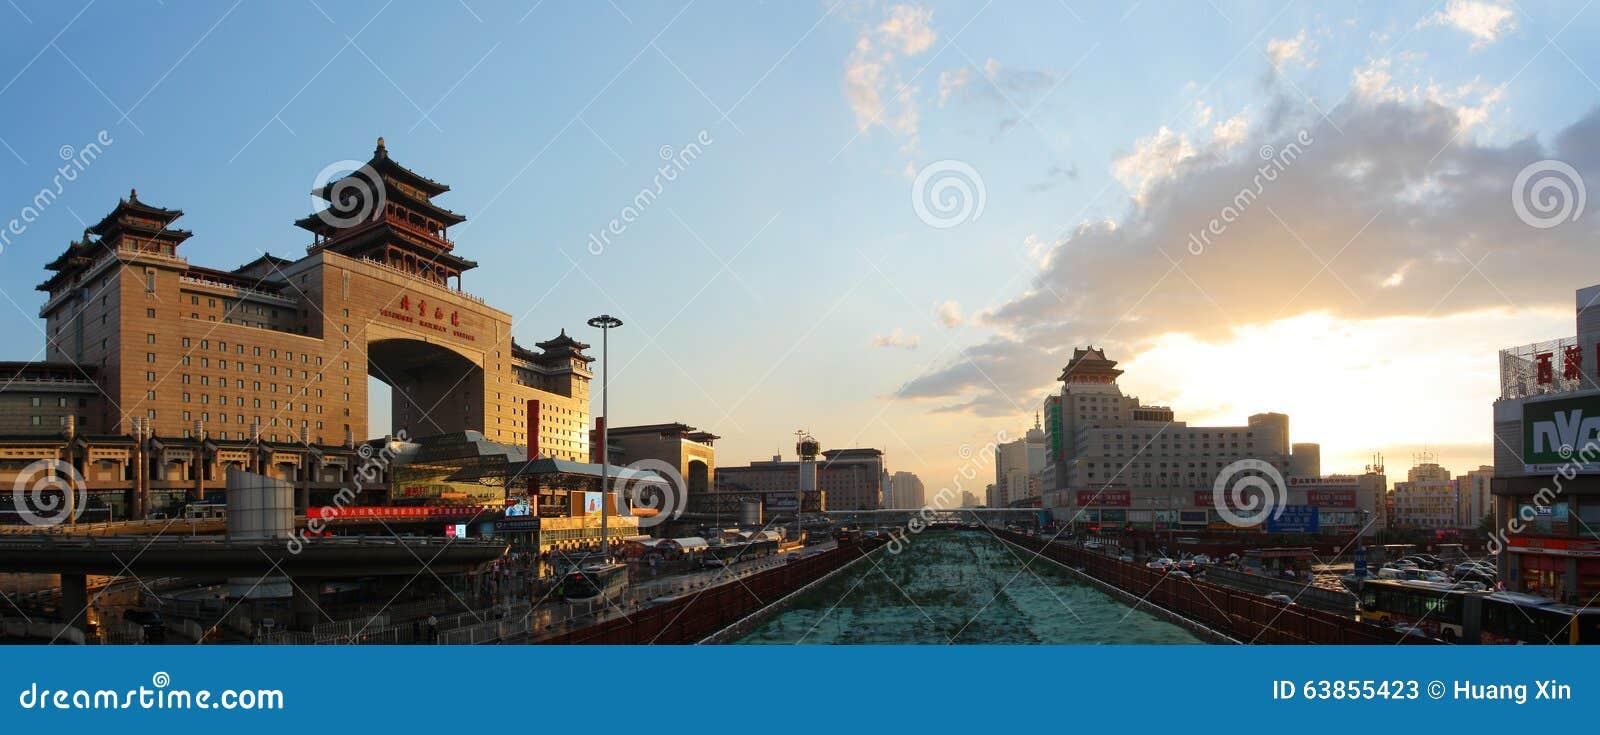 北京车站,西铁驻地